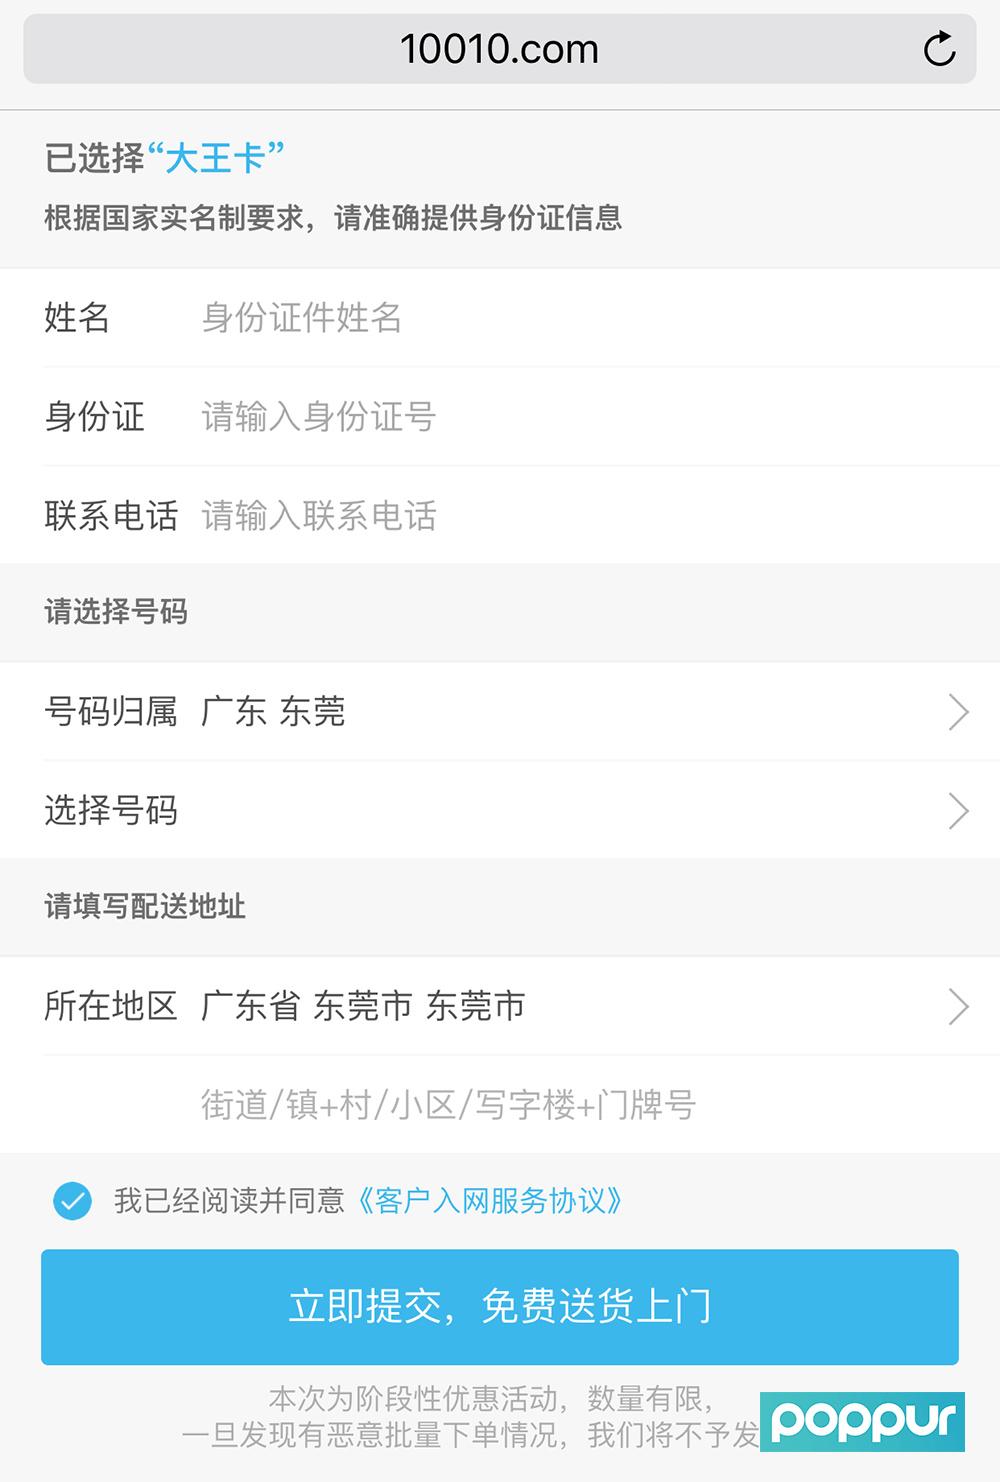 腾讯联通大王卡小王卡办理需要填写的个人资料